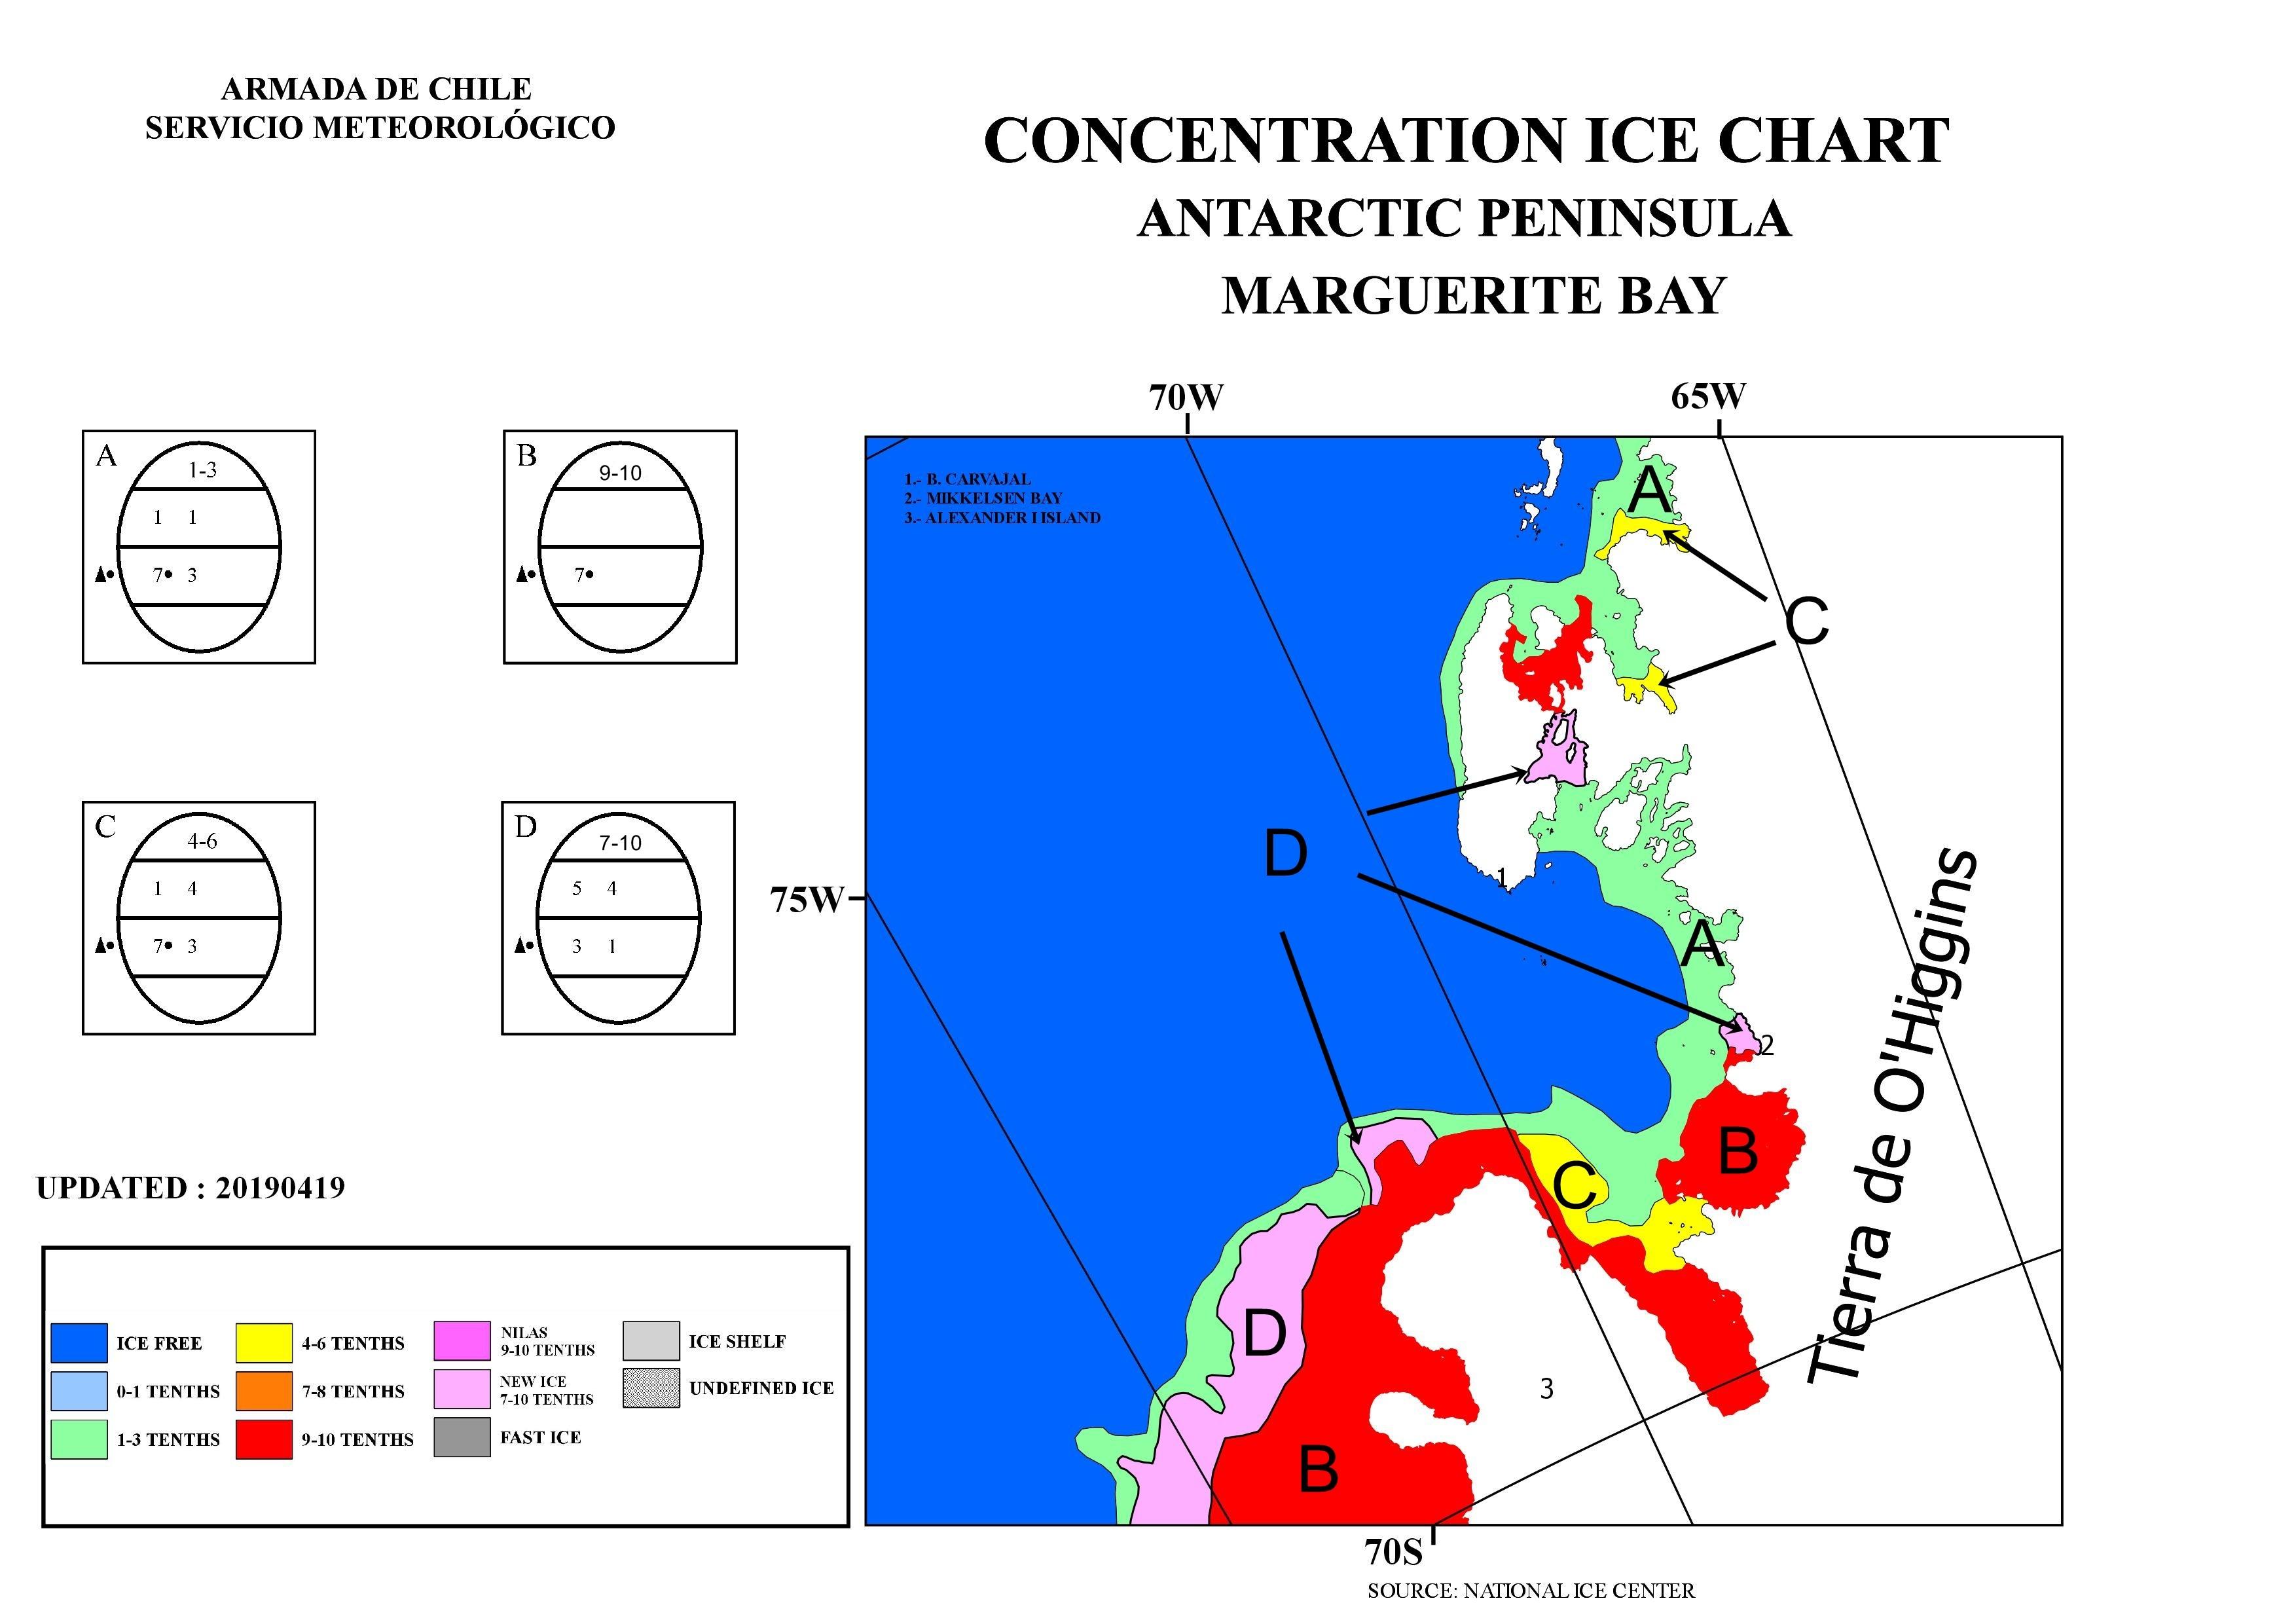 Calendario 2019 Mexico Sep Más Recientemente Liberado Nautical Free Free Nautical Charts & Publications No Image Version